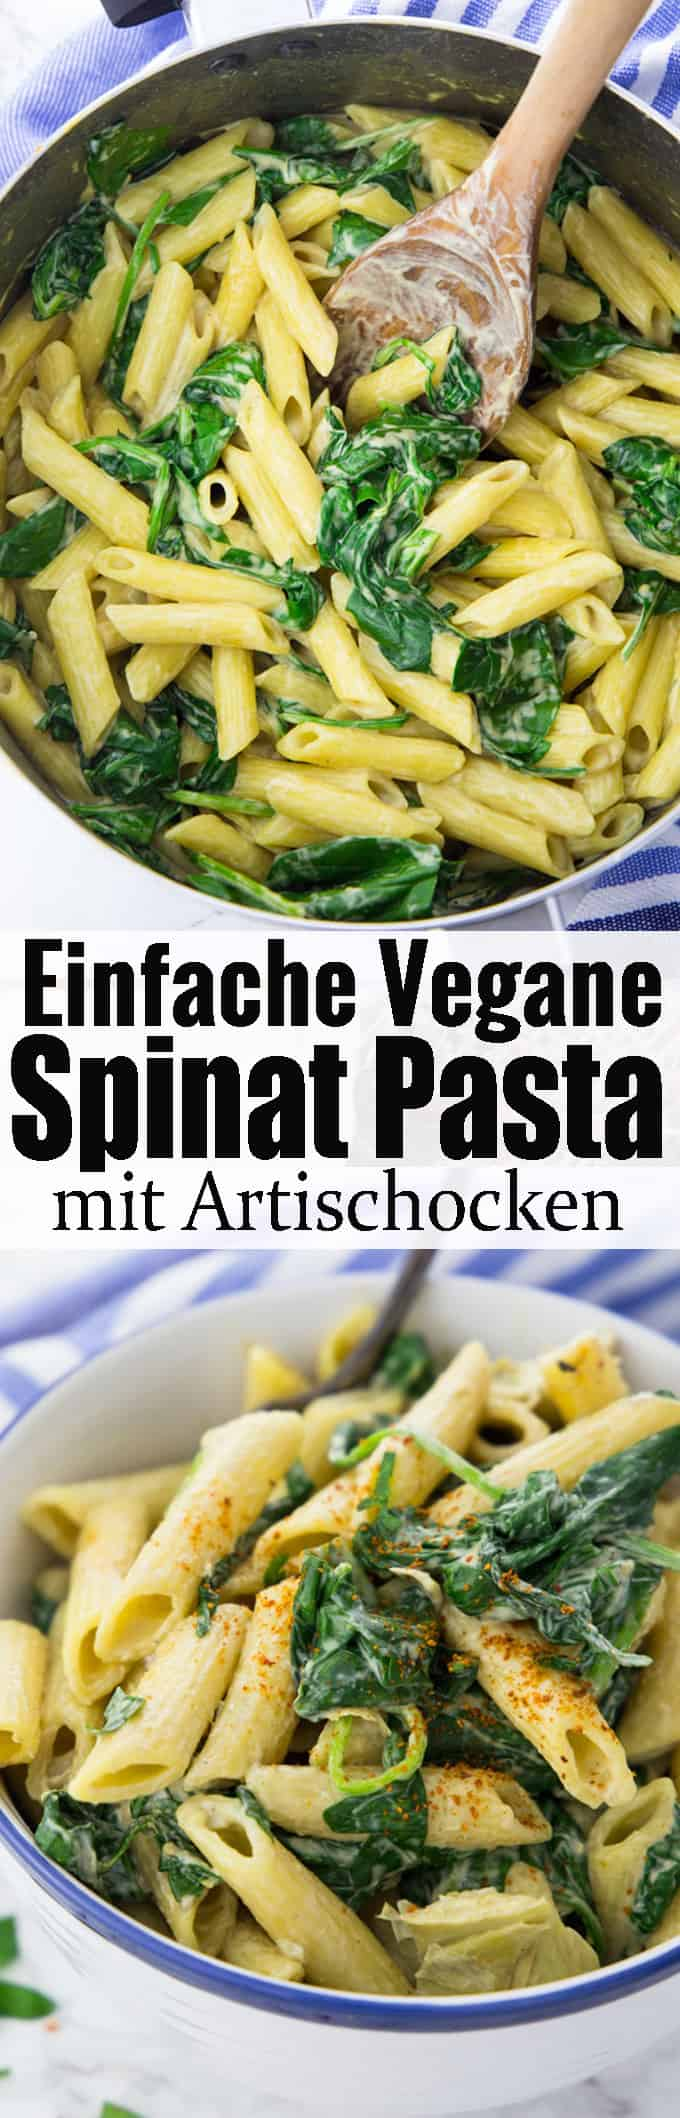 Nudeln mit Spinat sind einfach das perfekte Gericht für ein schnelles Abendessen! Einfach immer wieder lecker und super schnell gemacht! Eines meiner liebsten Pasta Rezepte.Mehr vegane Rezepte und vegetarische Rezepte auf meinem Blog veganheaven.de!